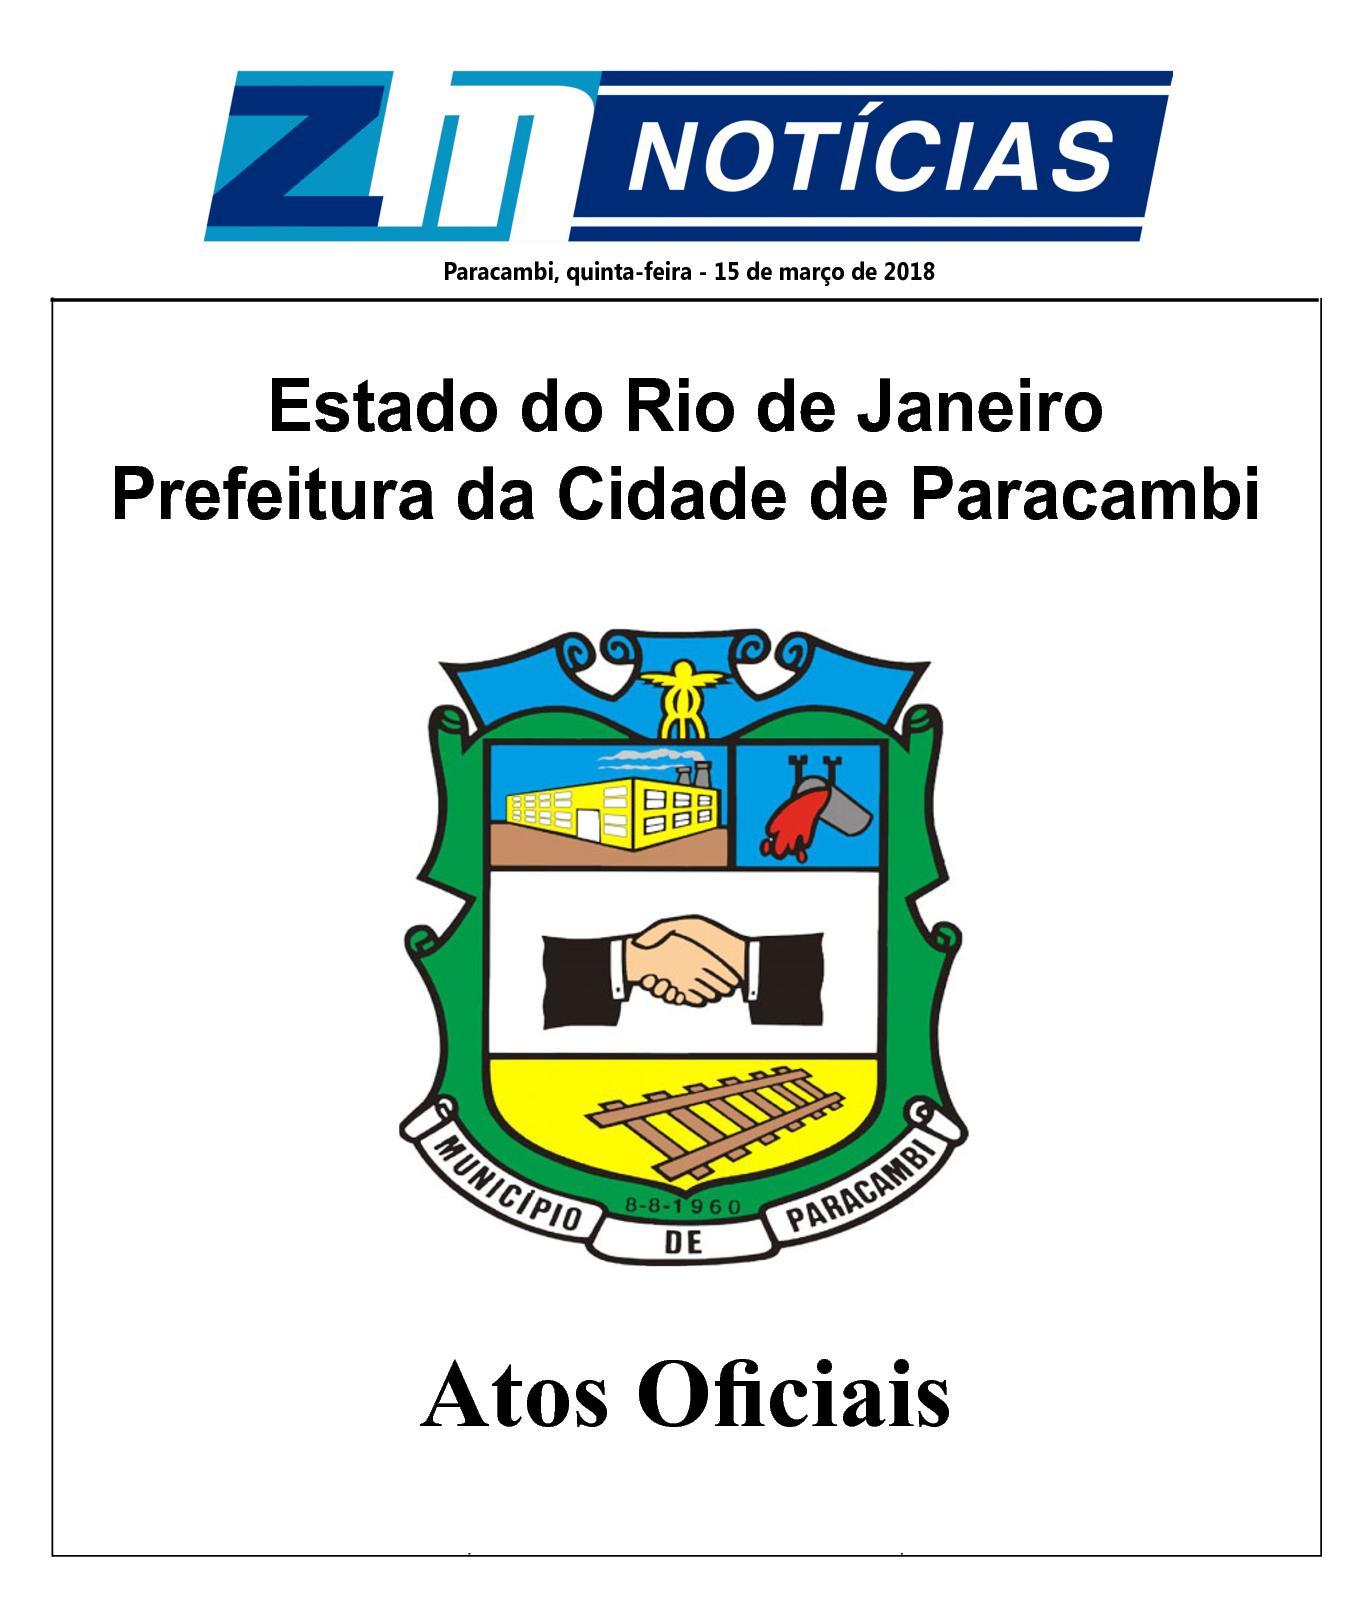 P M P Atos Oficiais 150318